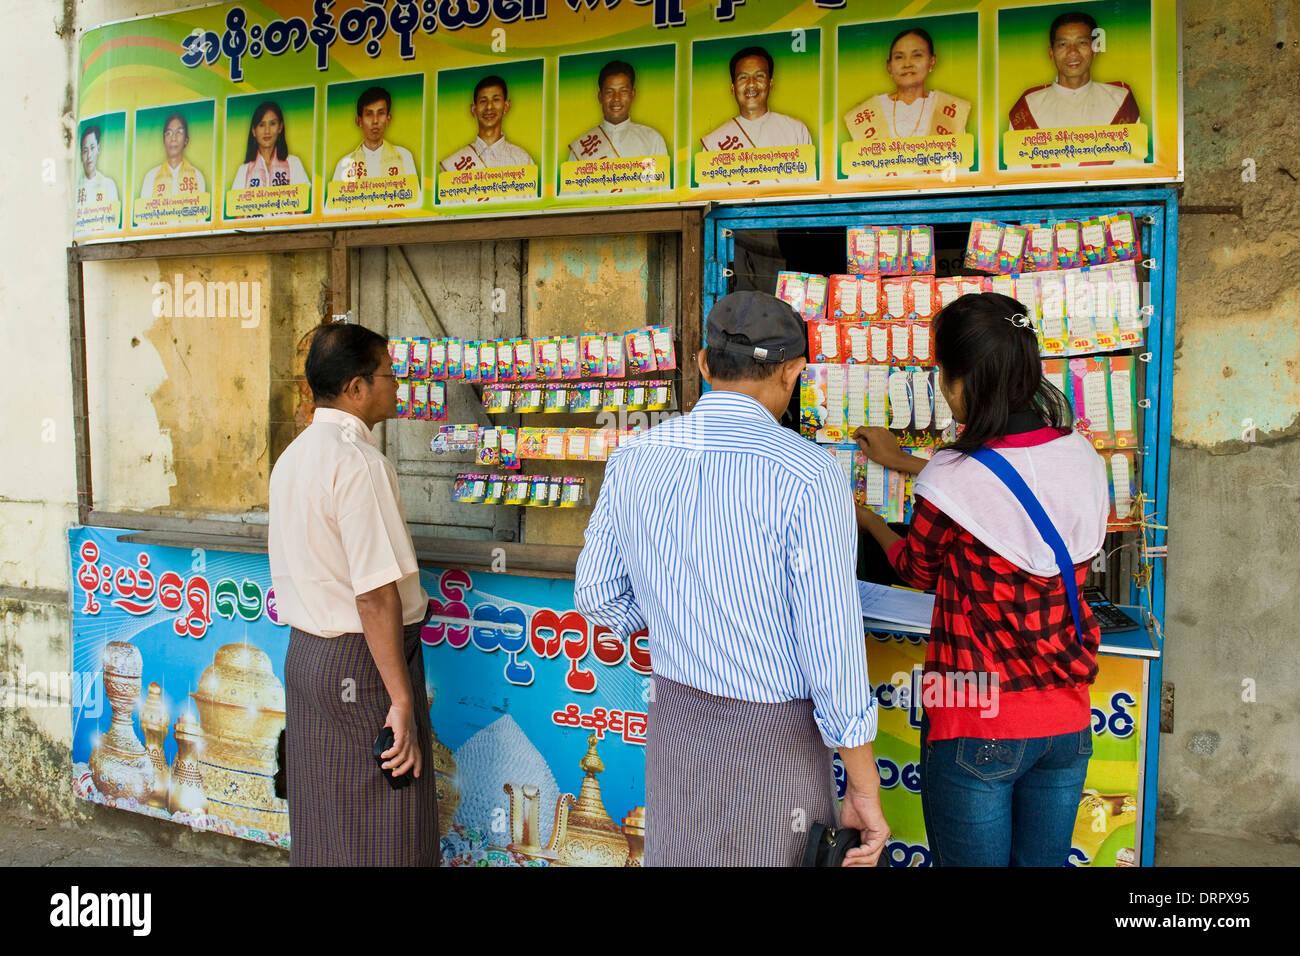 Myanmar, Yangon, lottery Stock Photo: 66271777 - Alamy